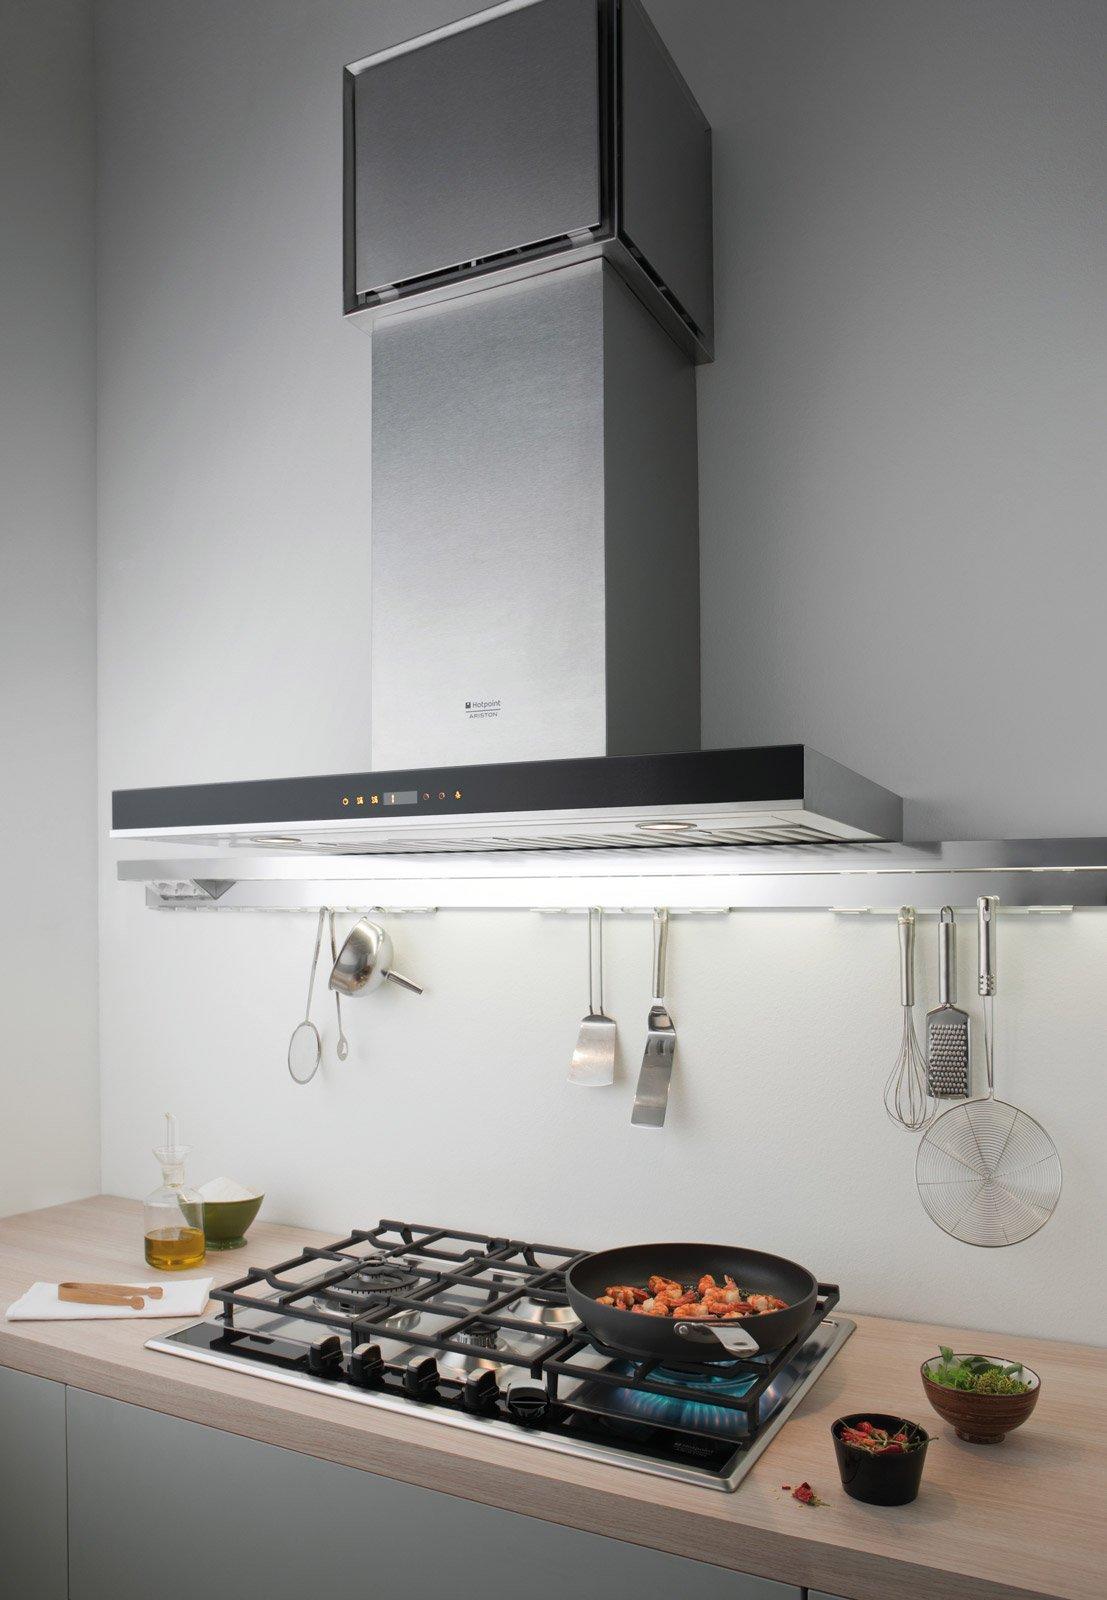 come scegliere la cappa della cucina - cose di casa - Kappa Cucine